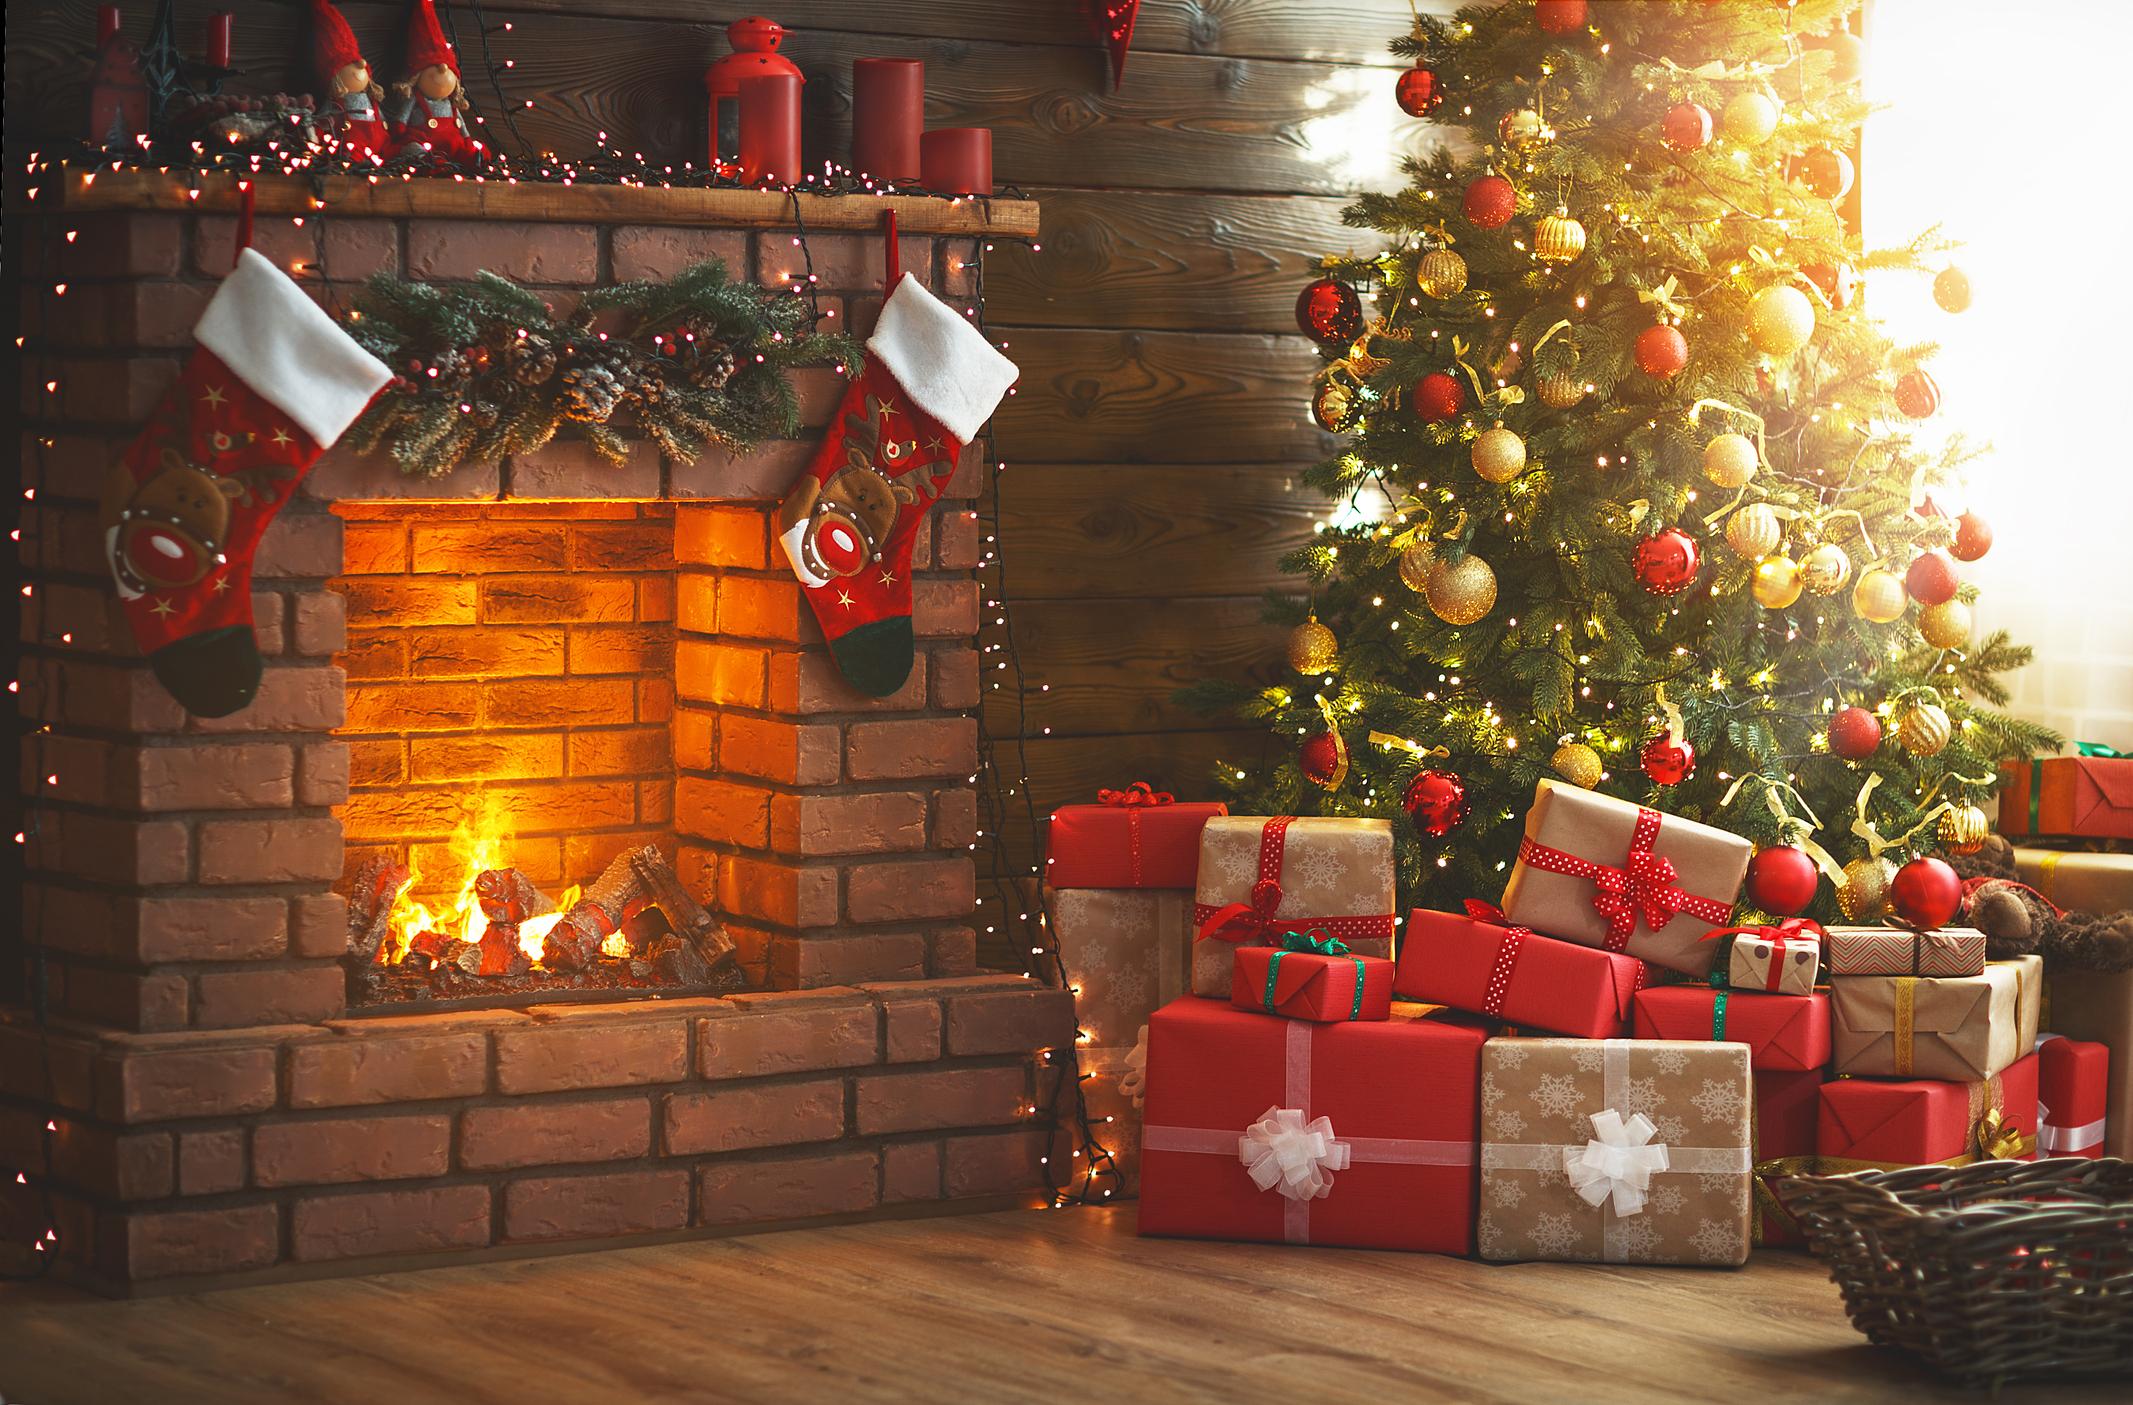 Cadeaux sous un arbre de Noël près d'un incendie